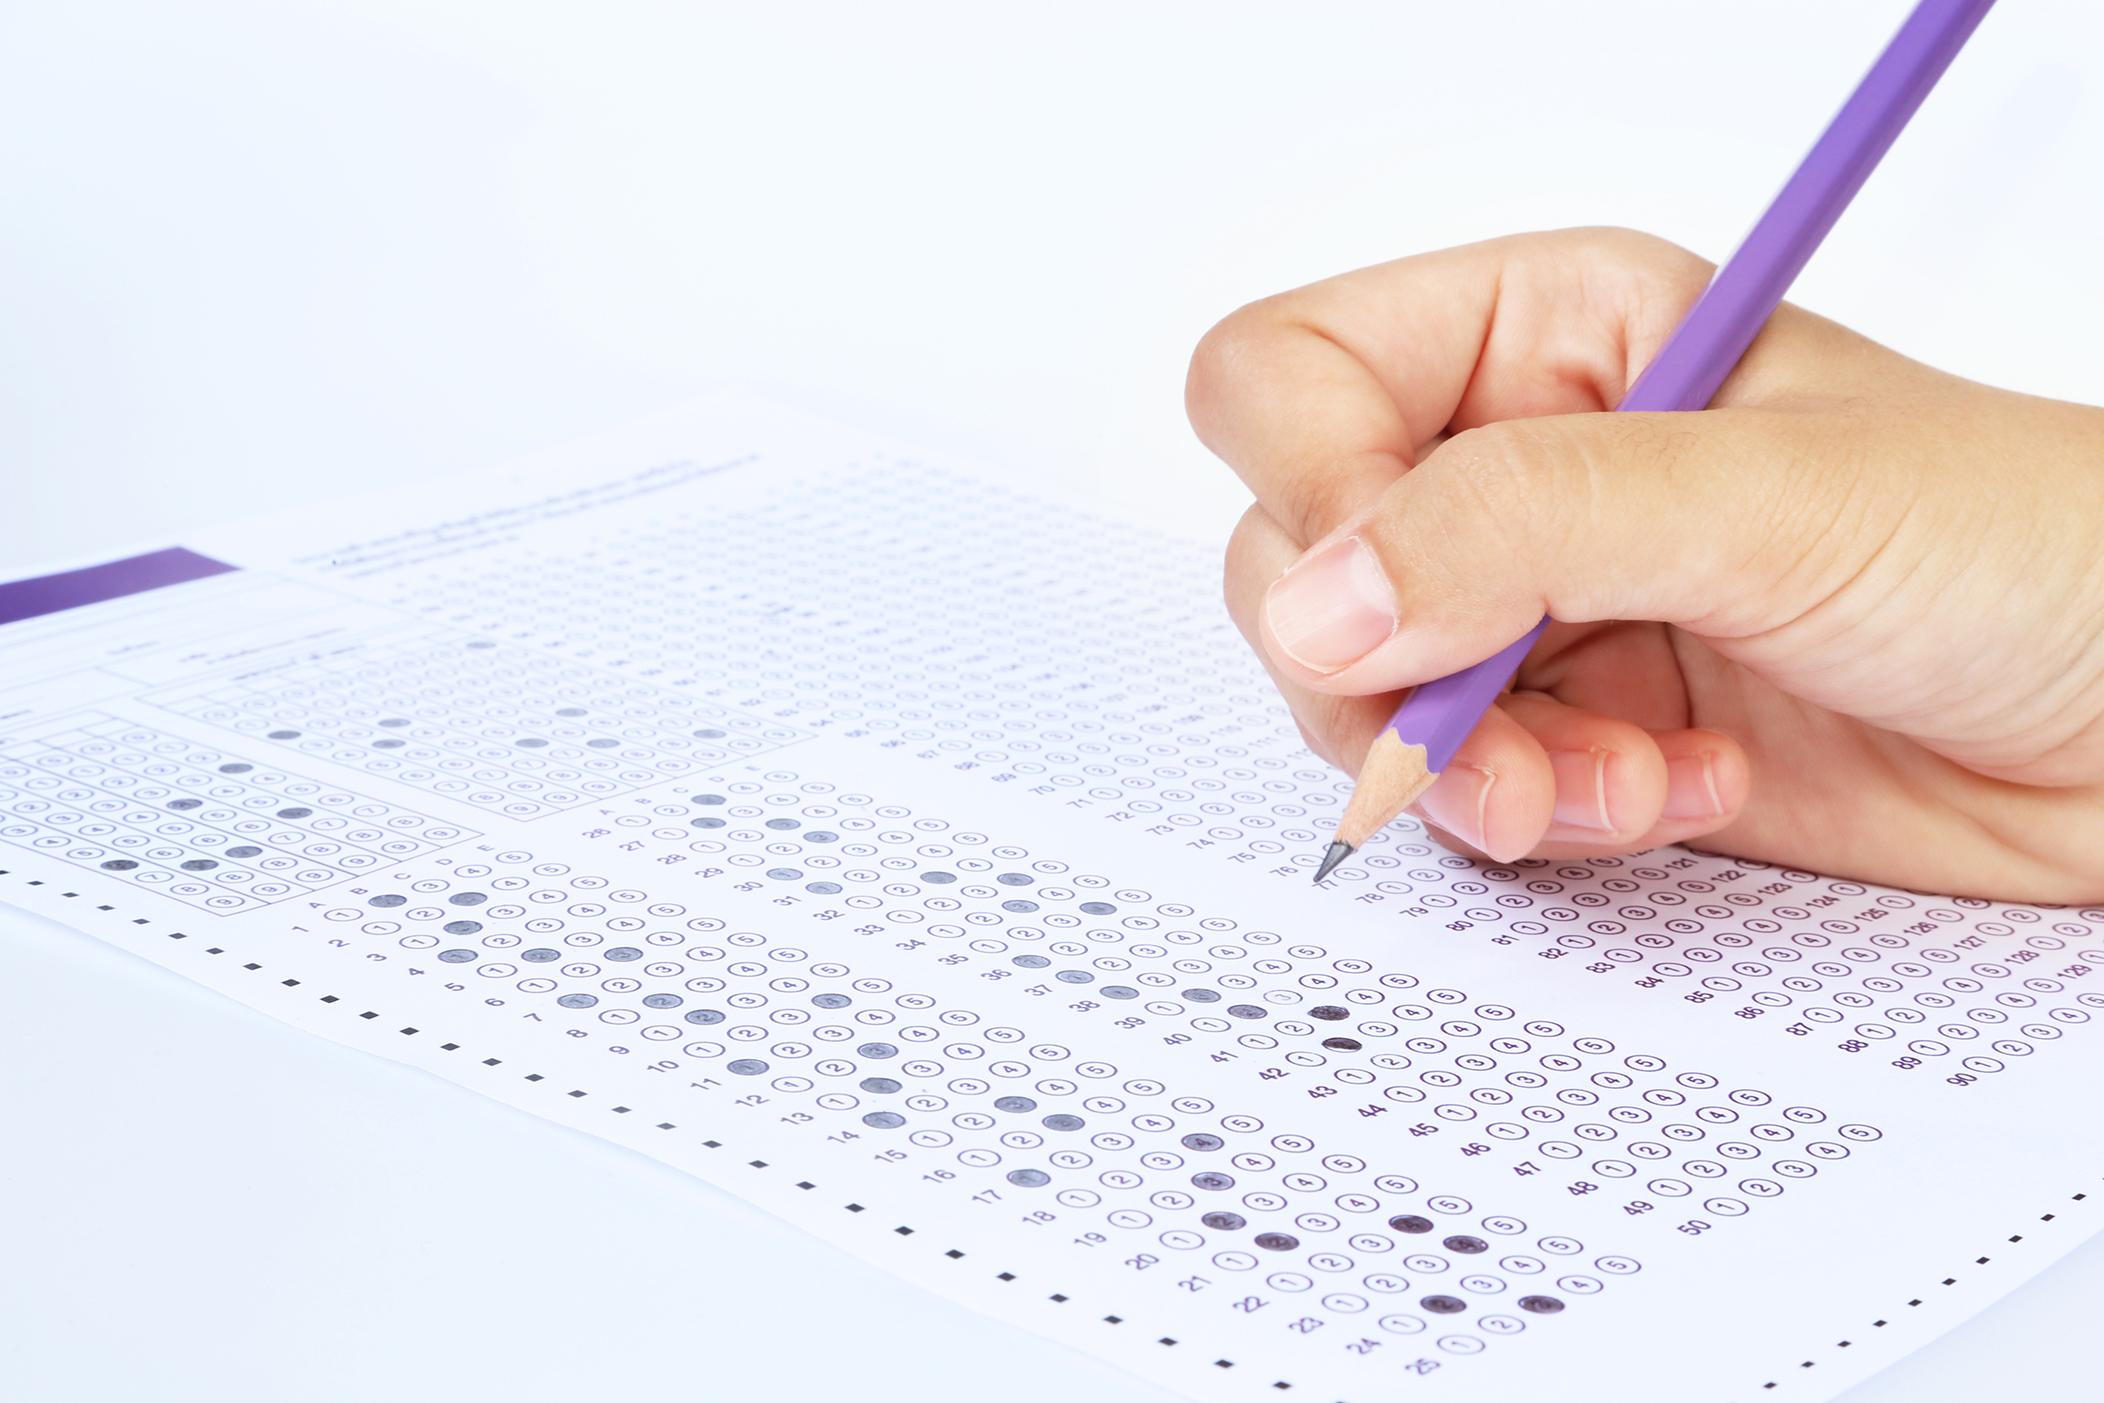 YGS sınavındaki hata ve çelişkiler